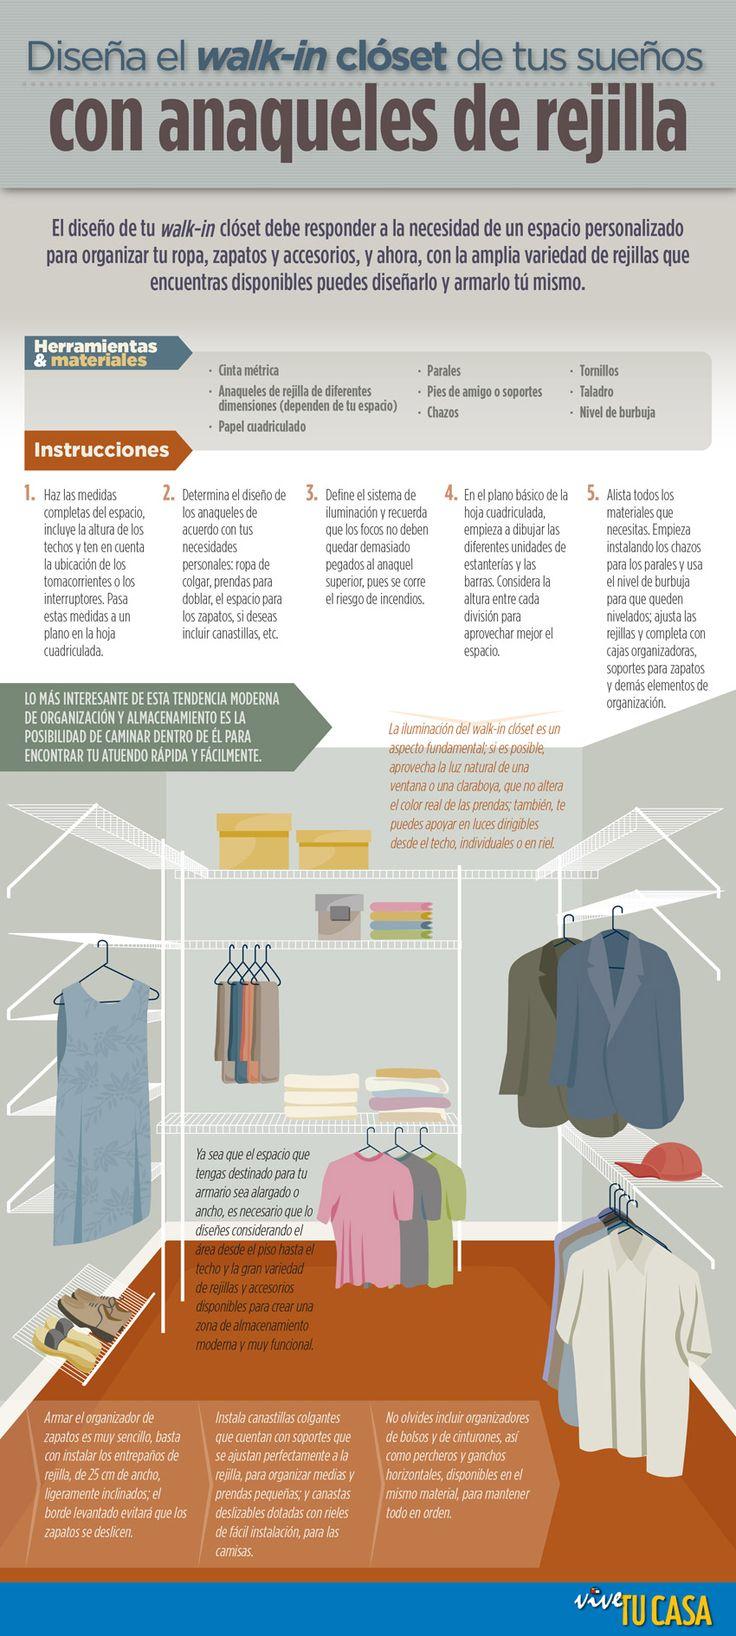 Diseña el walk-in clóset de tus sueños. Con la amplia variedad de rejillas que encuentras disponibles puedes armar un walk-in clóset para organizar de forma sencilla tus prendas.